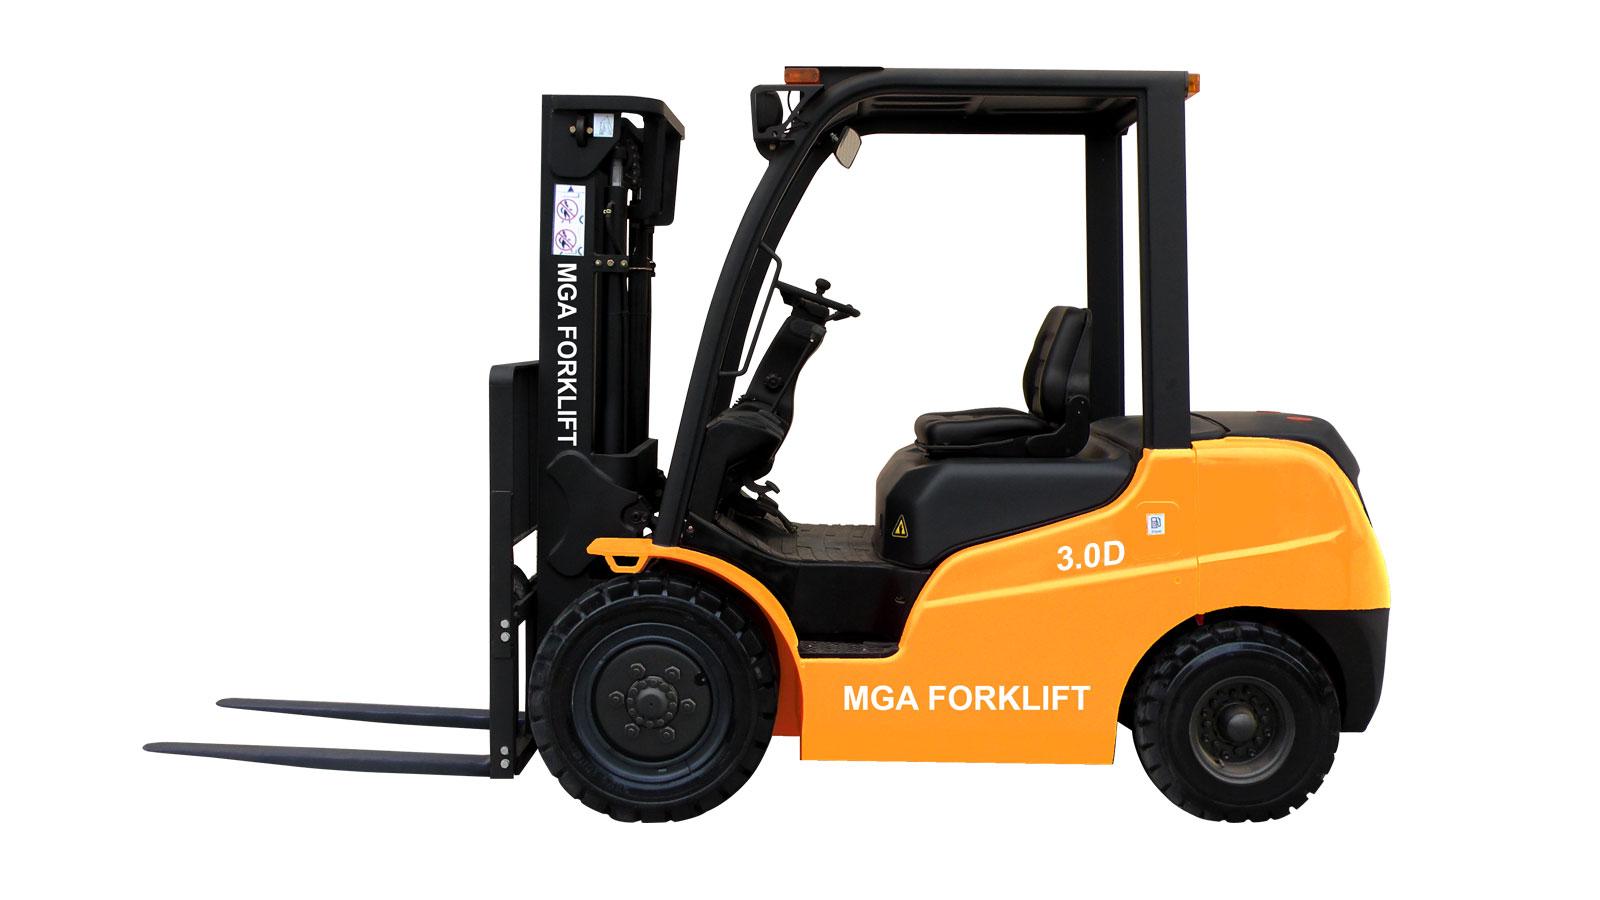 Xe nâng dầu mga forklift 3.0 tấn